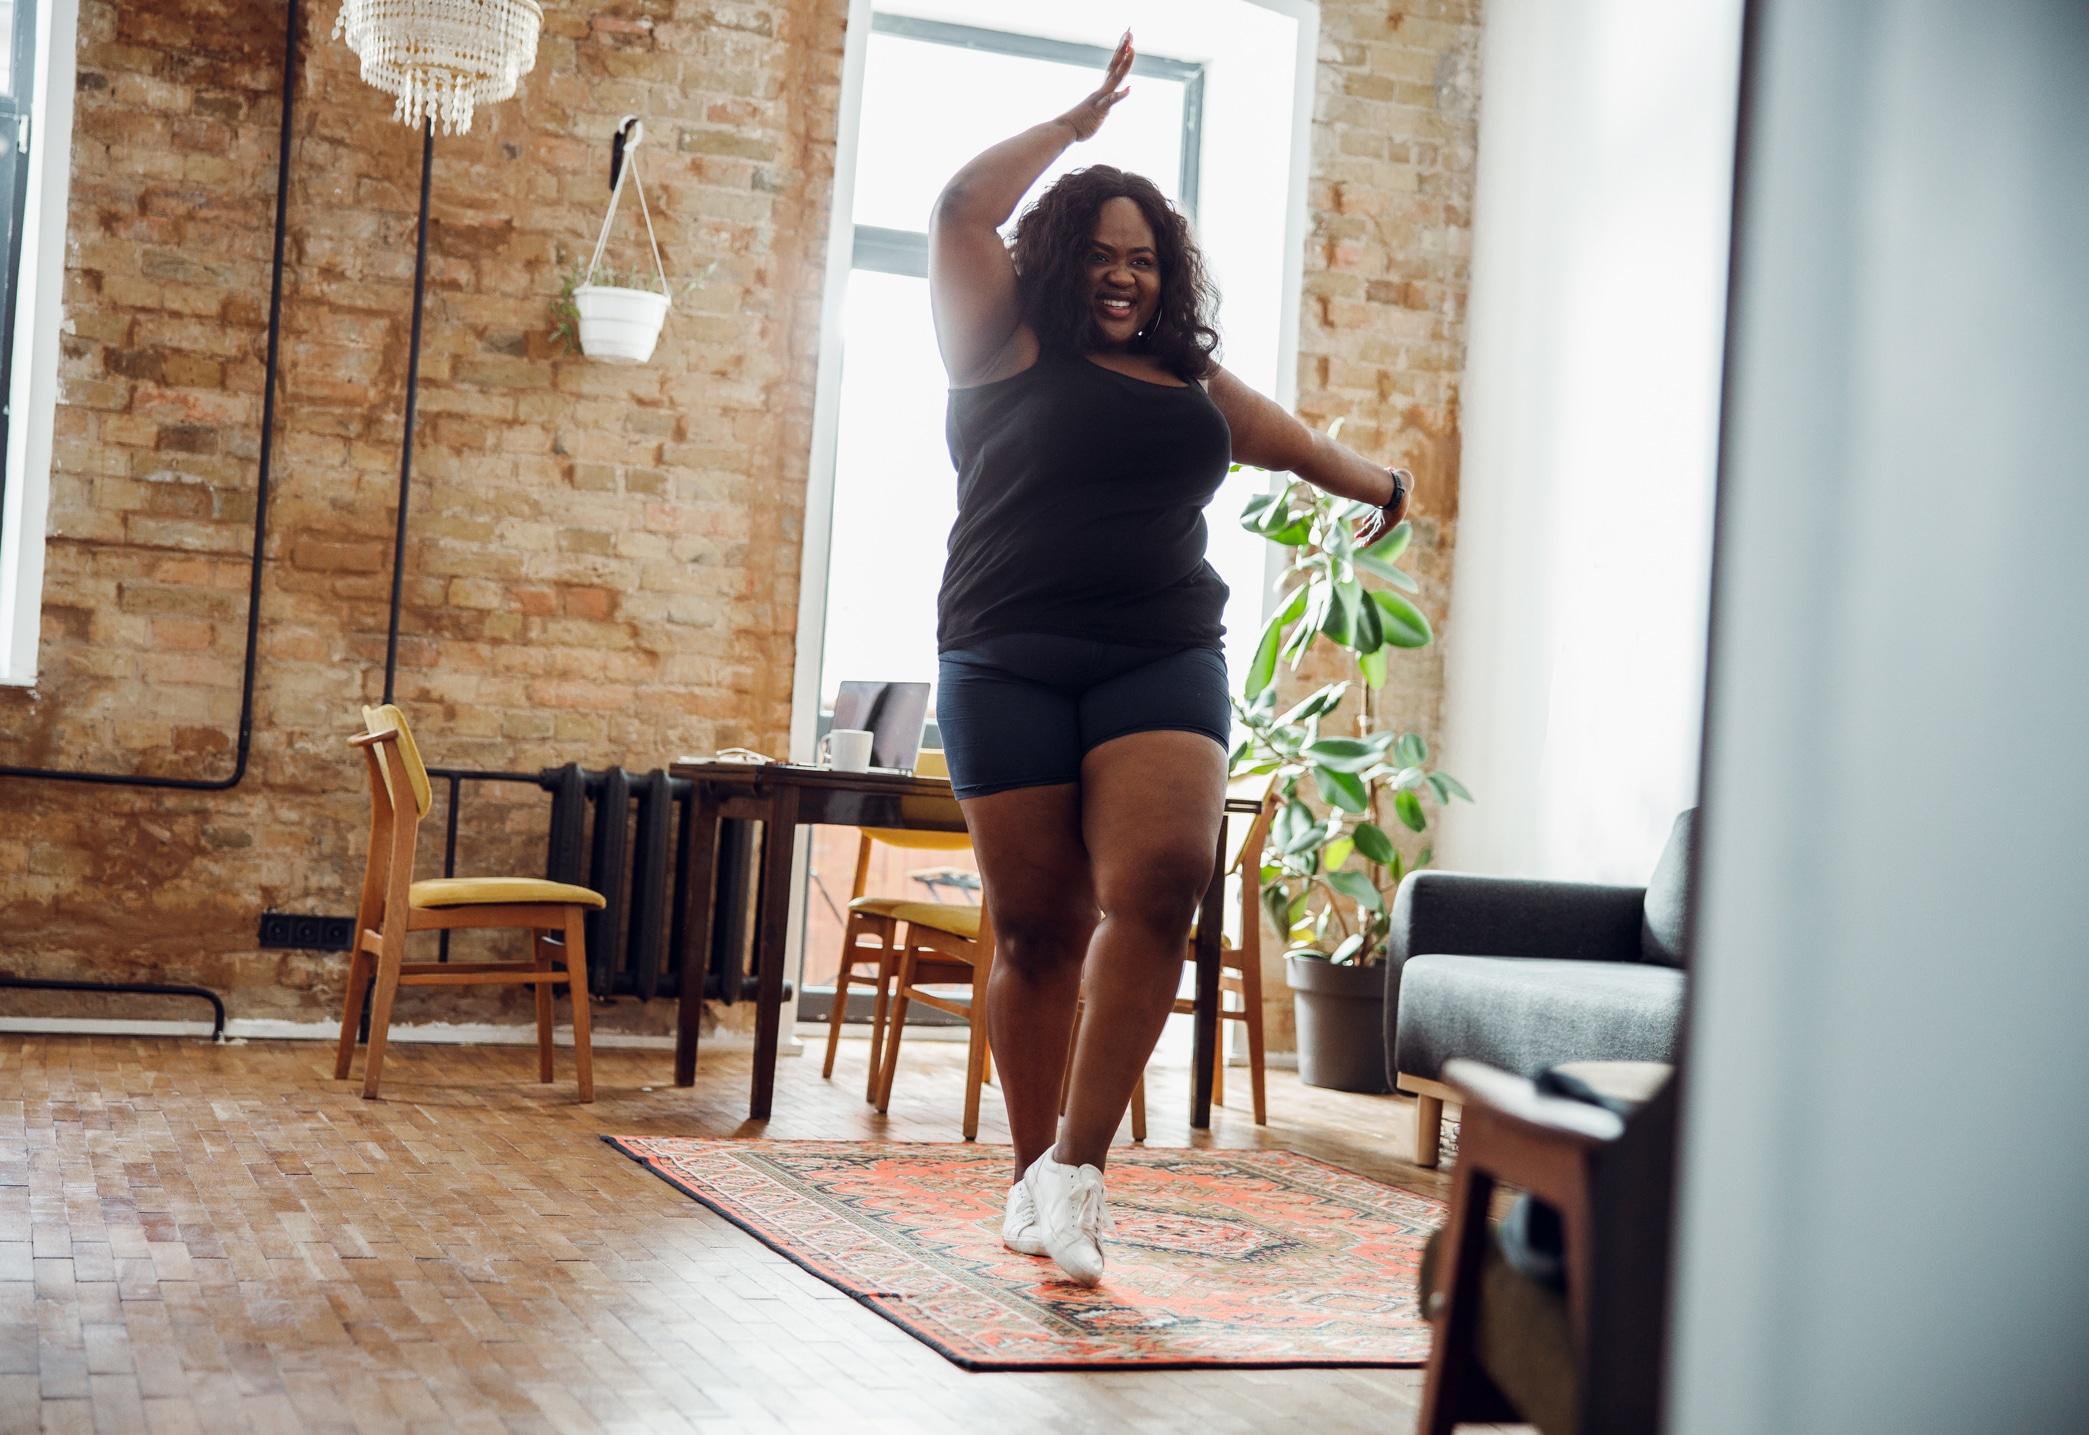 I've lost Workout Motivation how do i get back on track